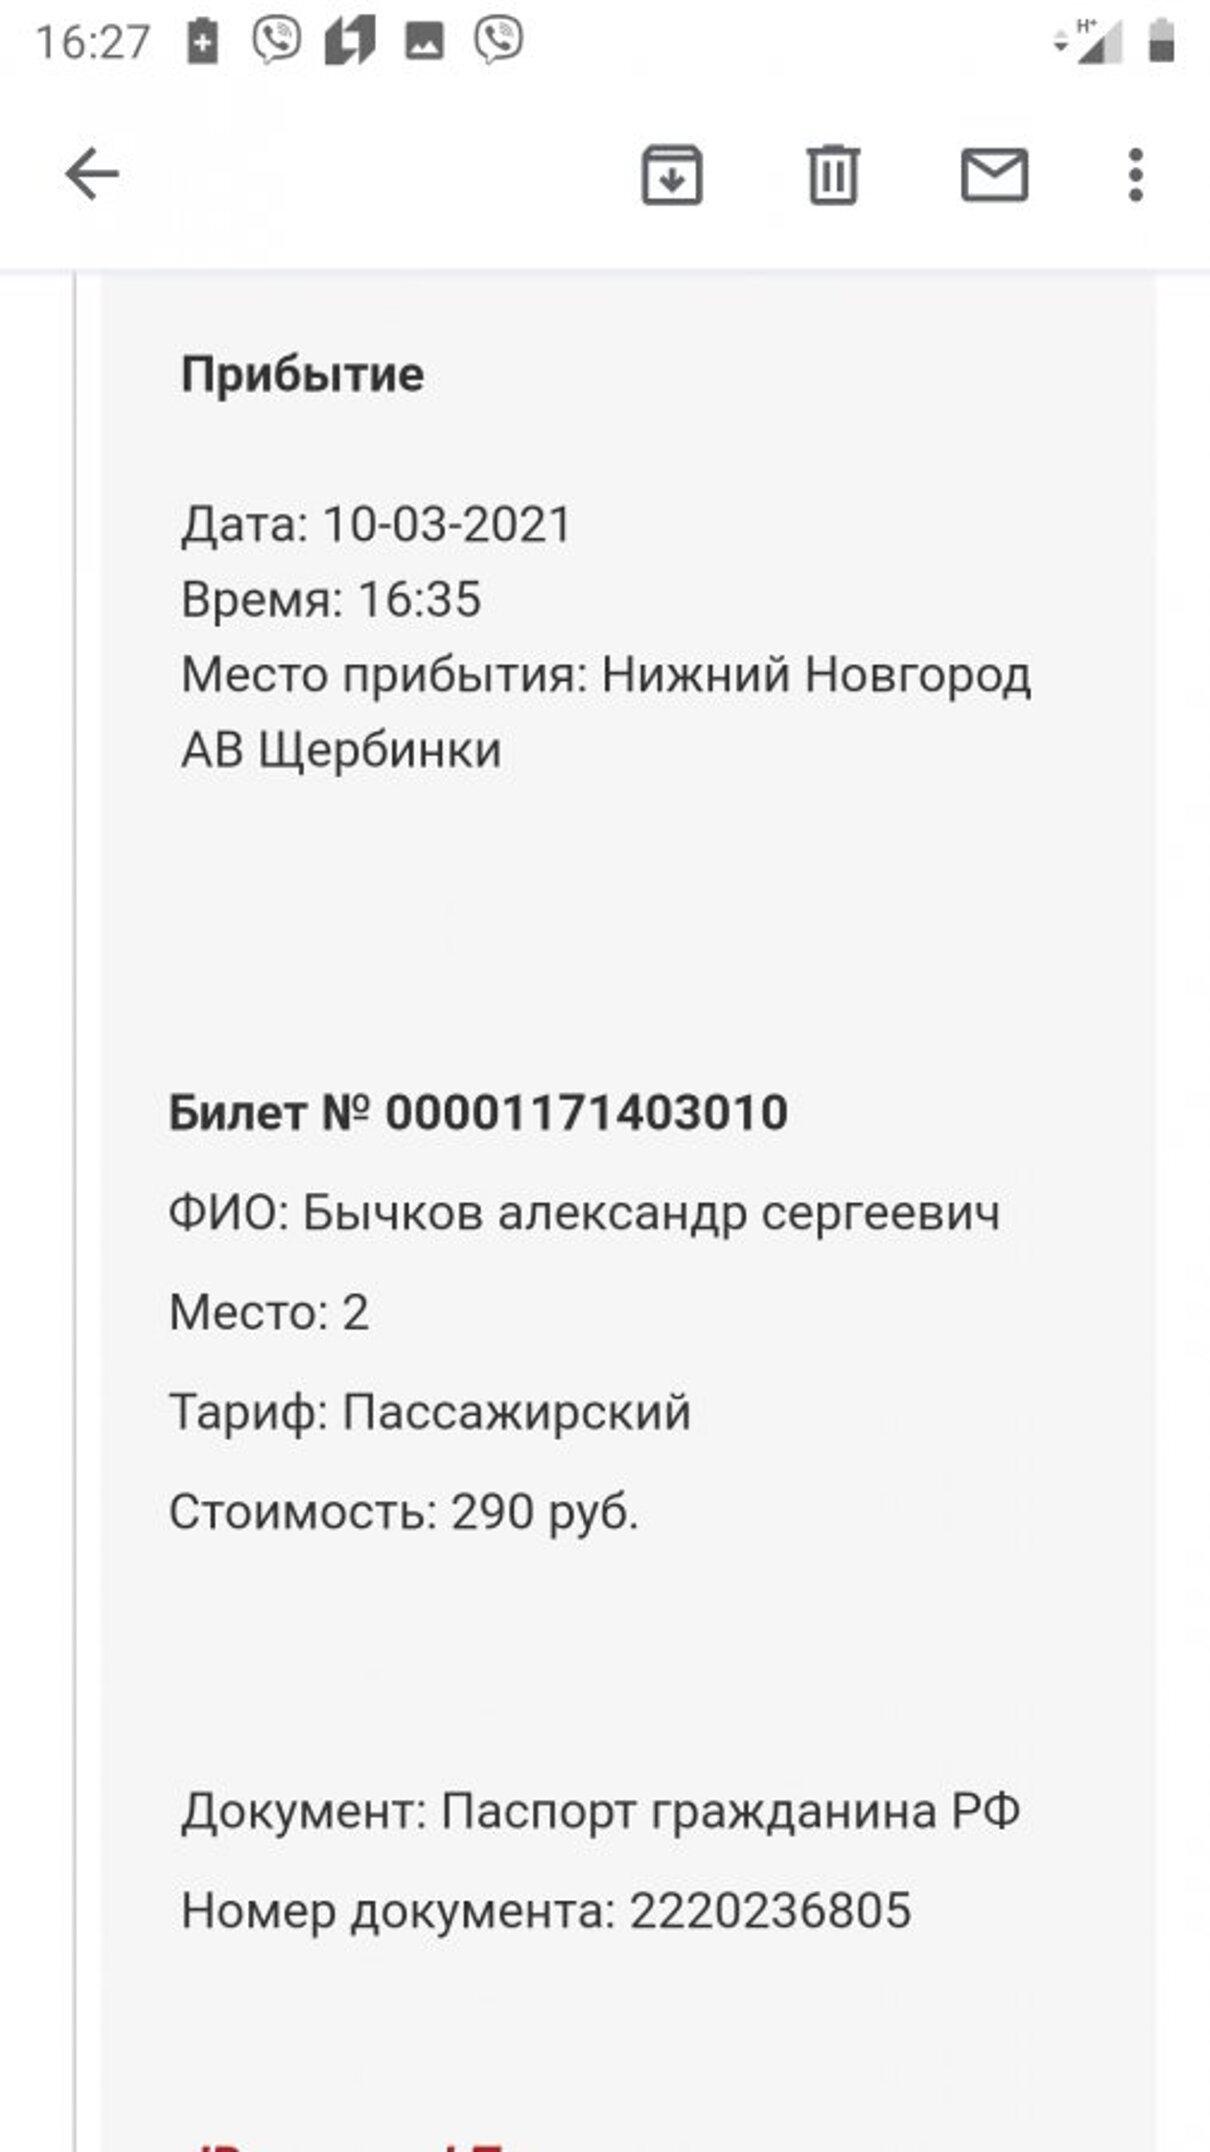 Жалоба-отзыв: ООО щербинки - Качество услуг.  Фото №1